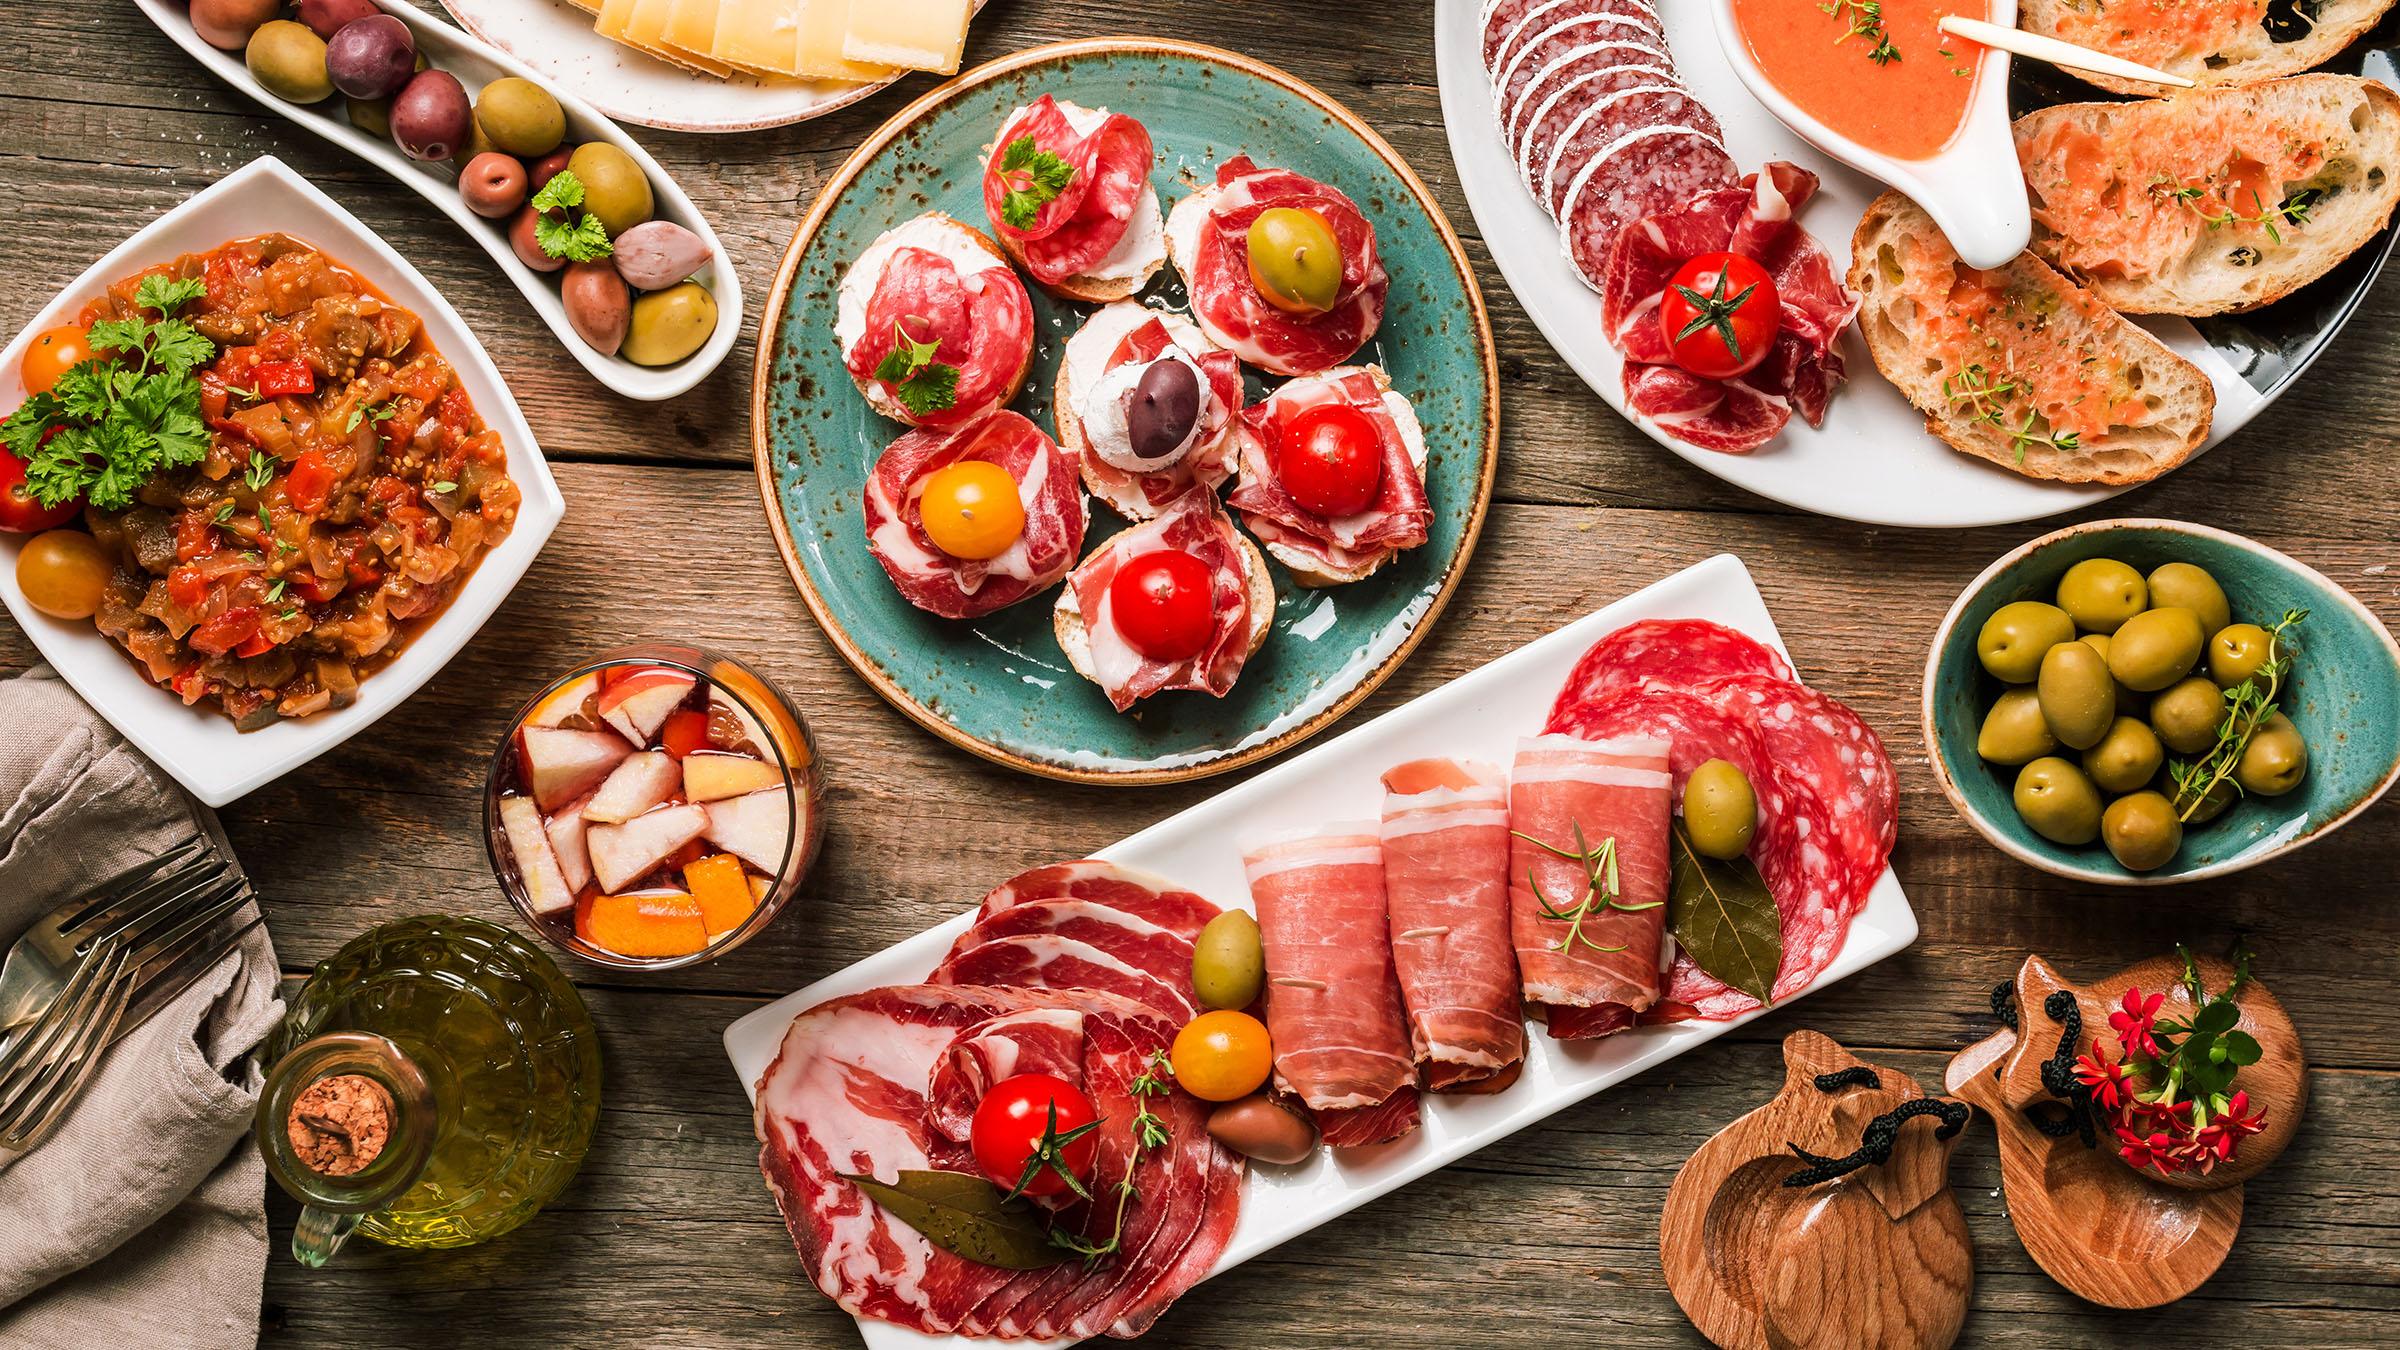 los-ingredientes-basicos-de-la-gastronomia-espanola